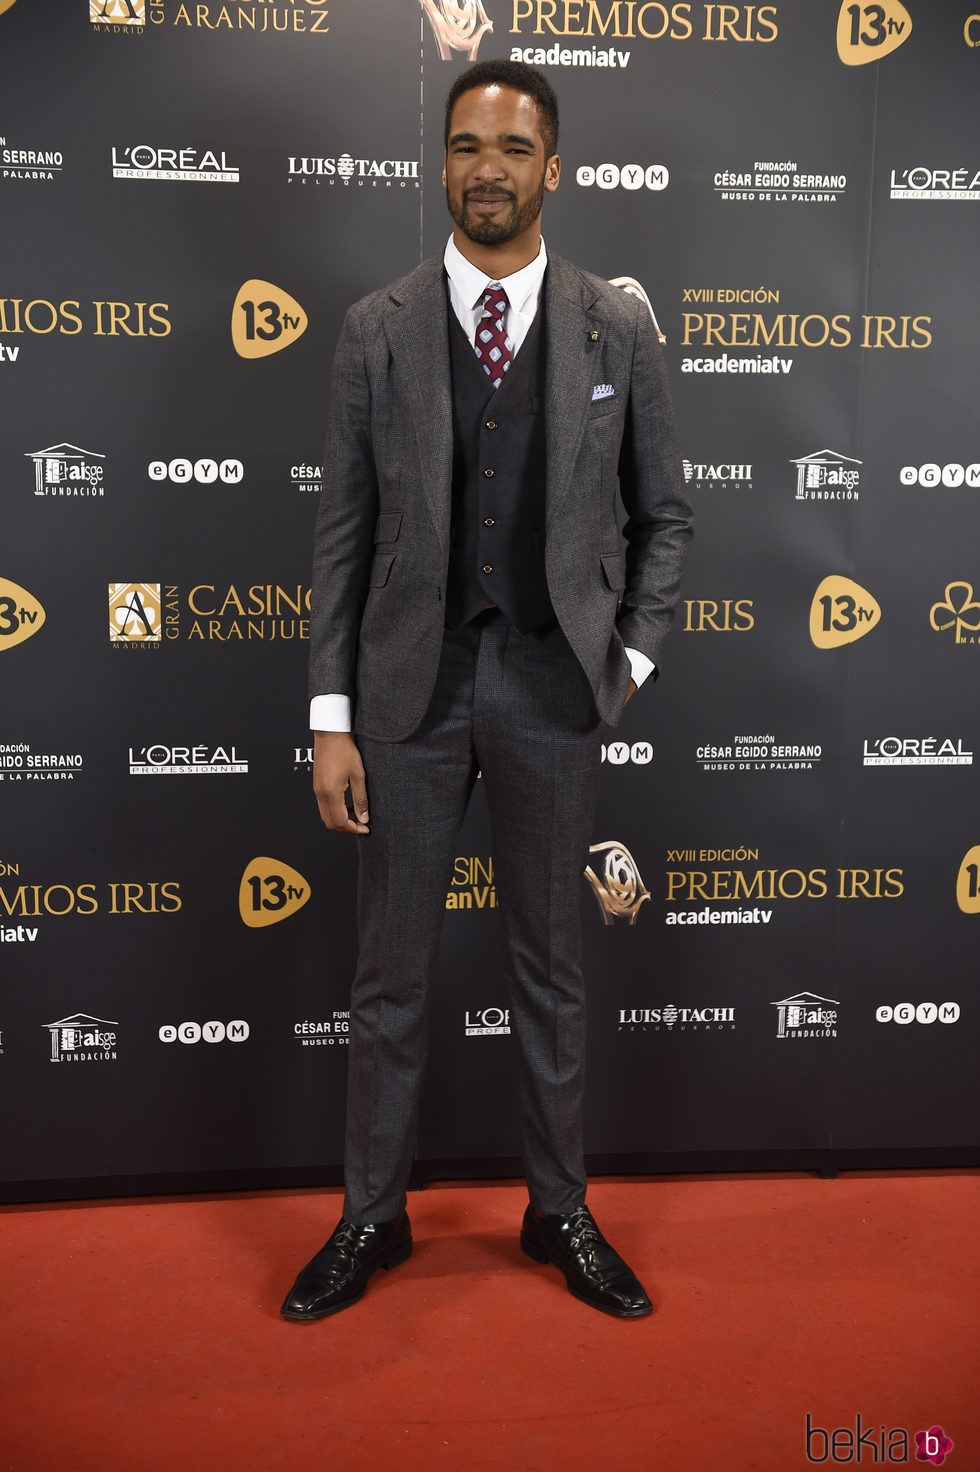 Will Shephard en los Premios Iris 2016